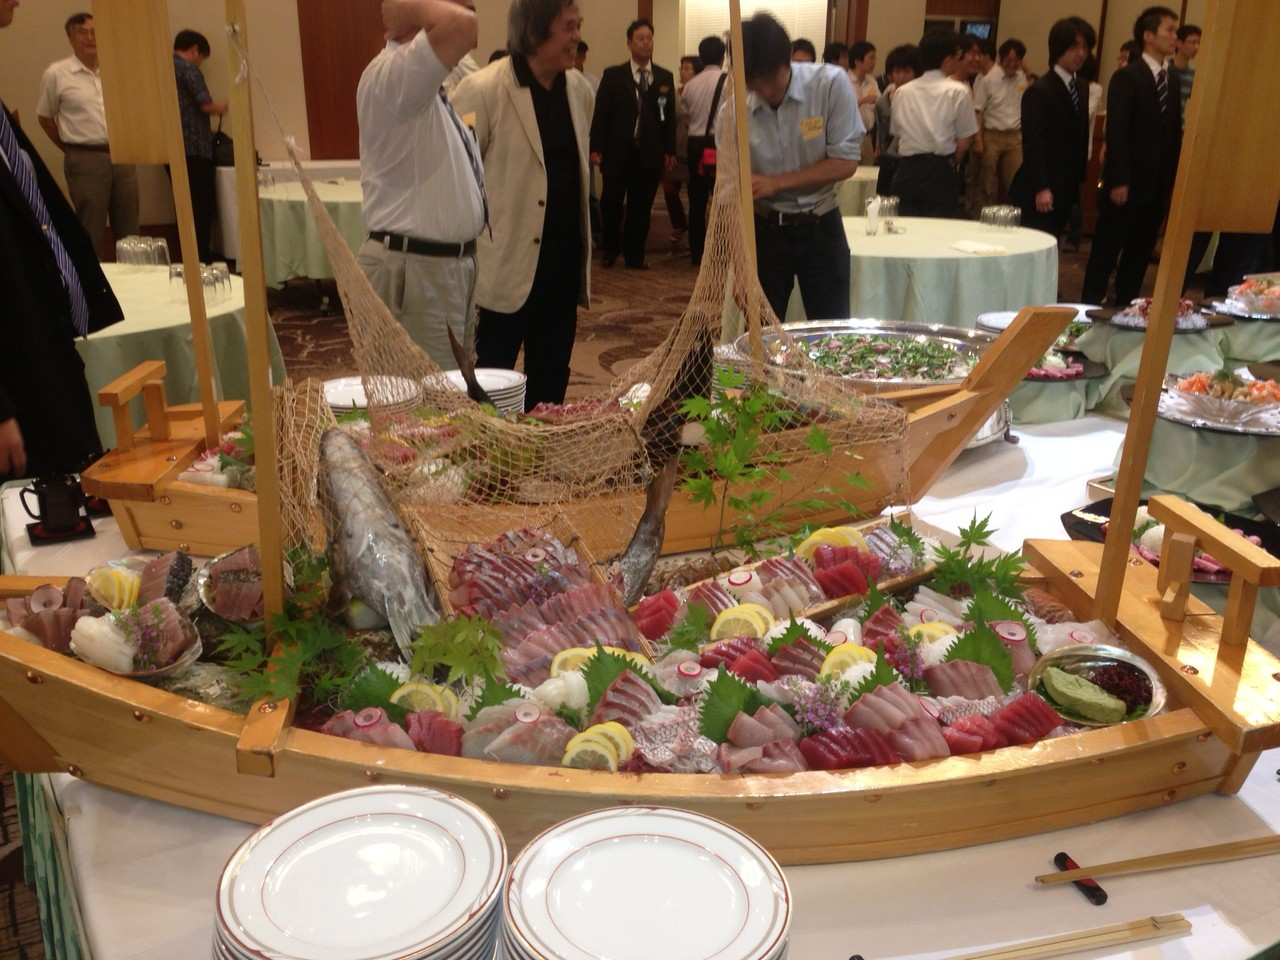 28日の懇親会はKKRホテルで開催されました。船盛りが目を引きます。